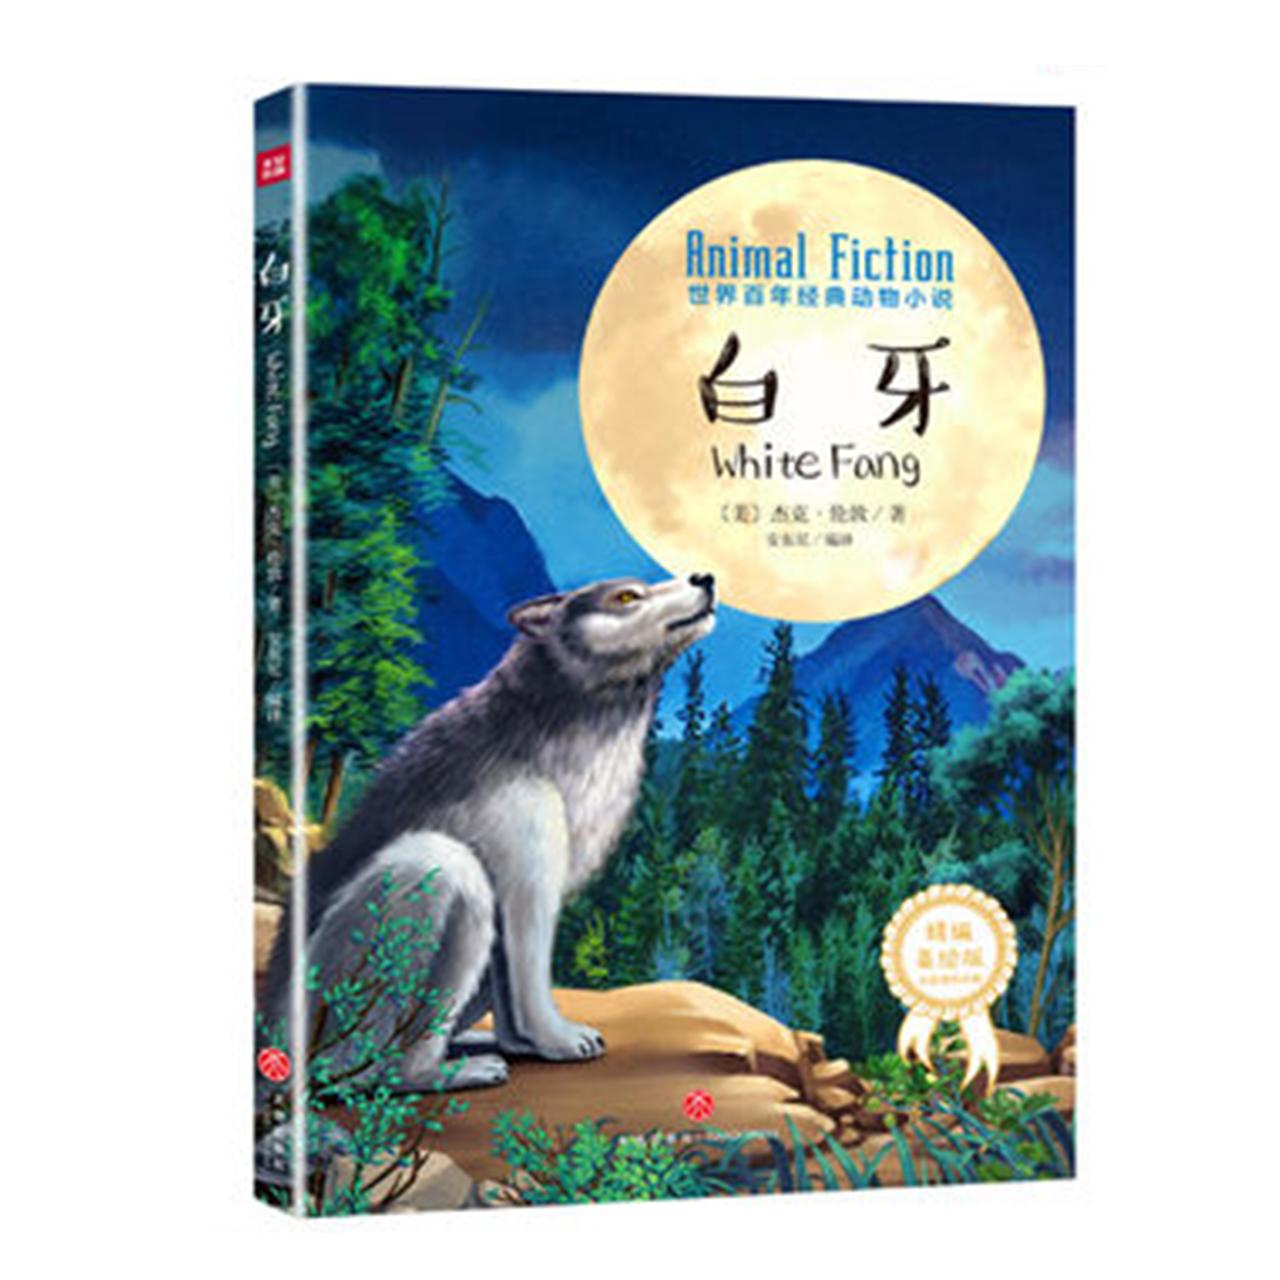 白牙 White Fang 【正版小说/青少年读物/动物小说】